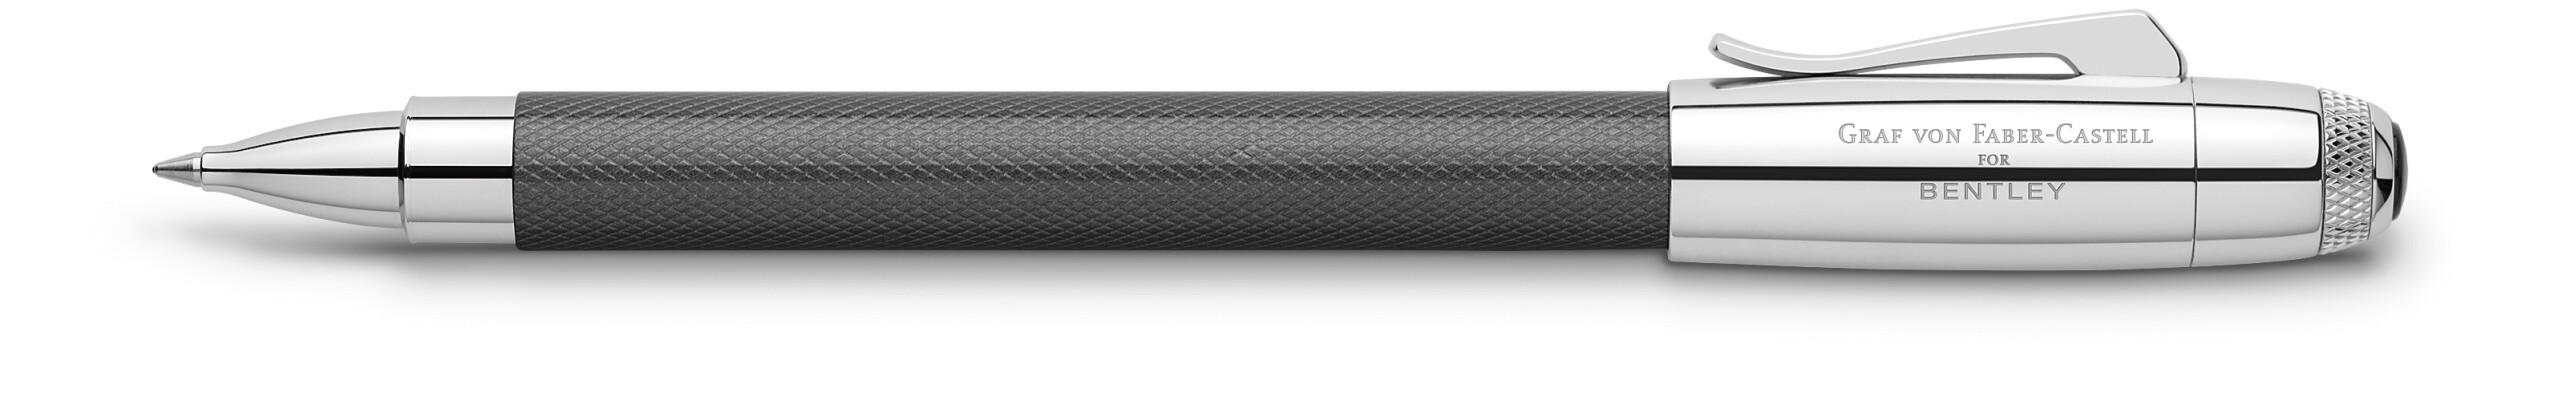 Graf von Faber-Castell Bentley Tungsten Tintenroller 02